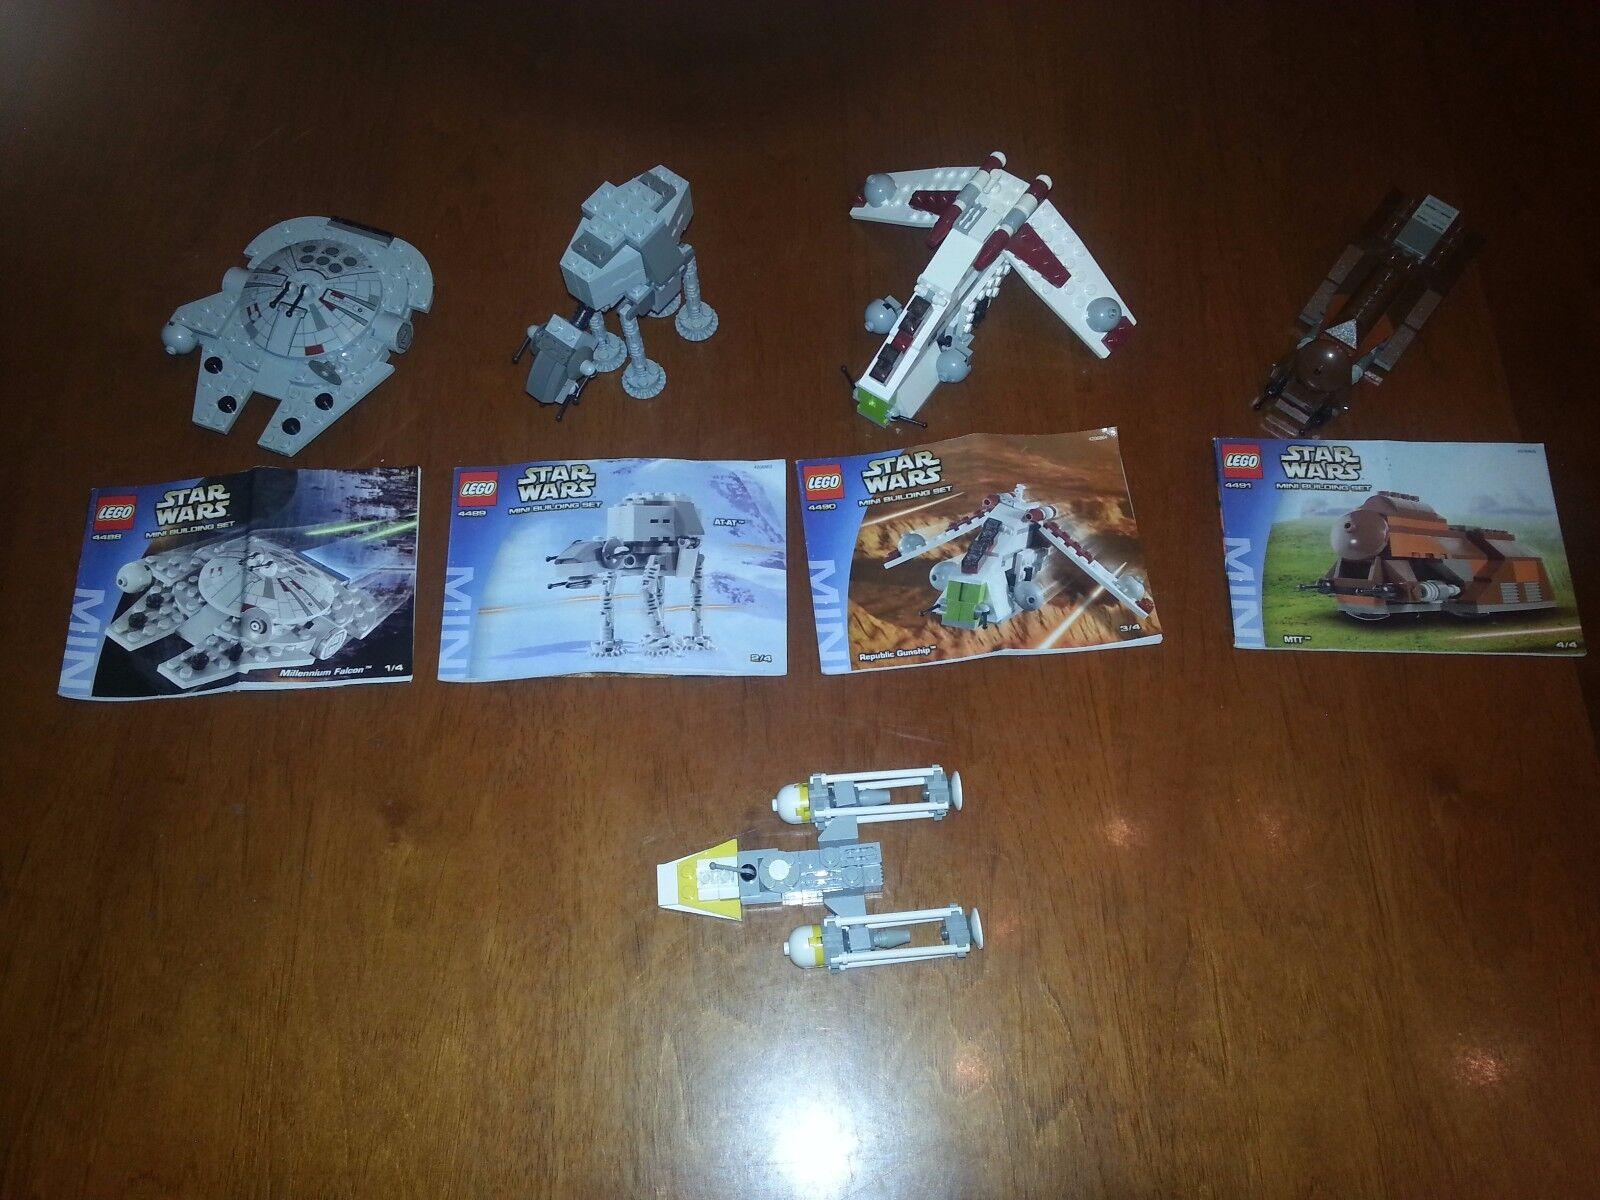 LEGO STAR WARS 4488-4489-4490-4491 MINI